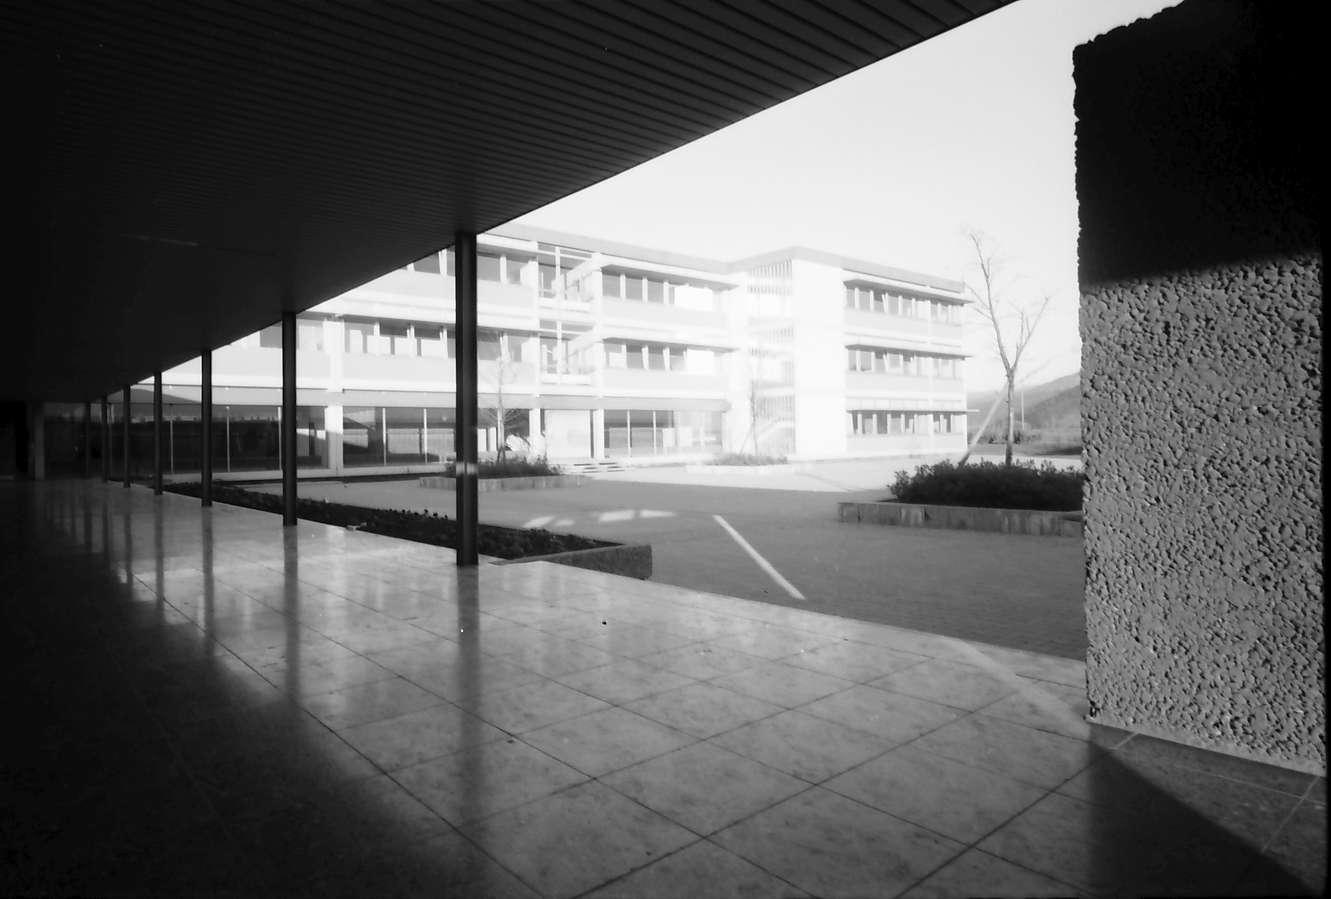 Denzlingen: Schule, Hofansicht mit gedecktem Gang, Bild 1